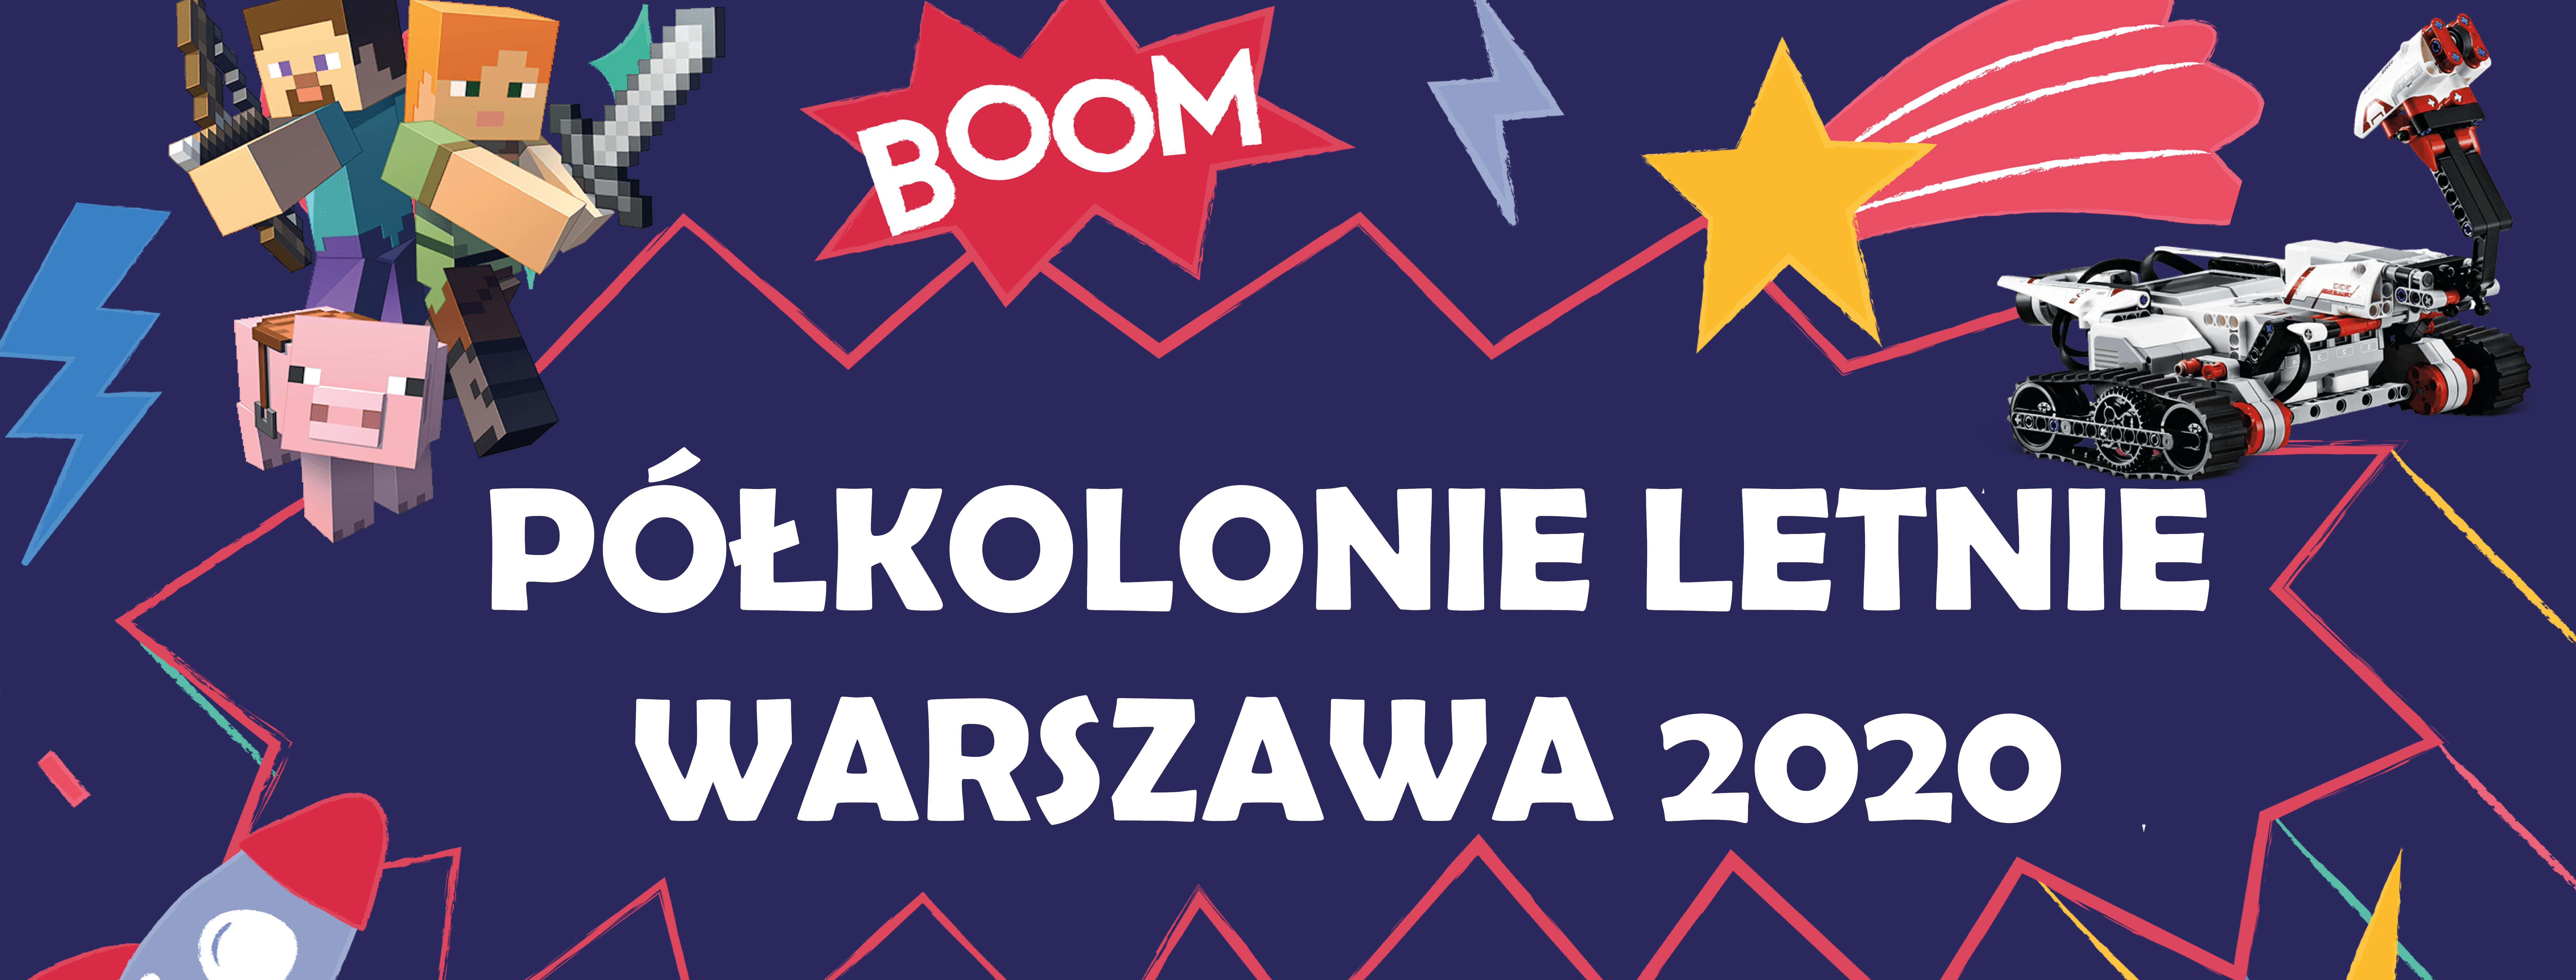 Półkolonie technologiczne w Warszawie ->MINECRAFT, ROBOTYKA, PROGRAMOWANIE I INNE ATRAKCJE!